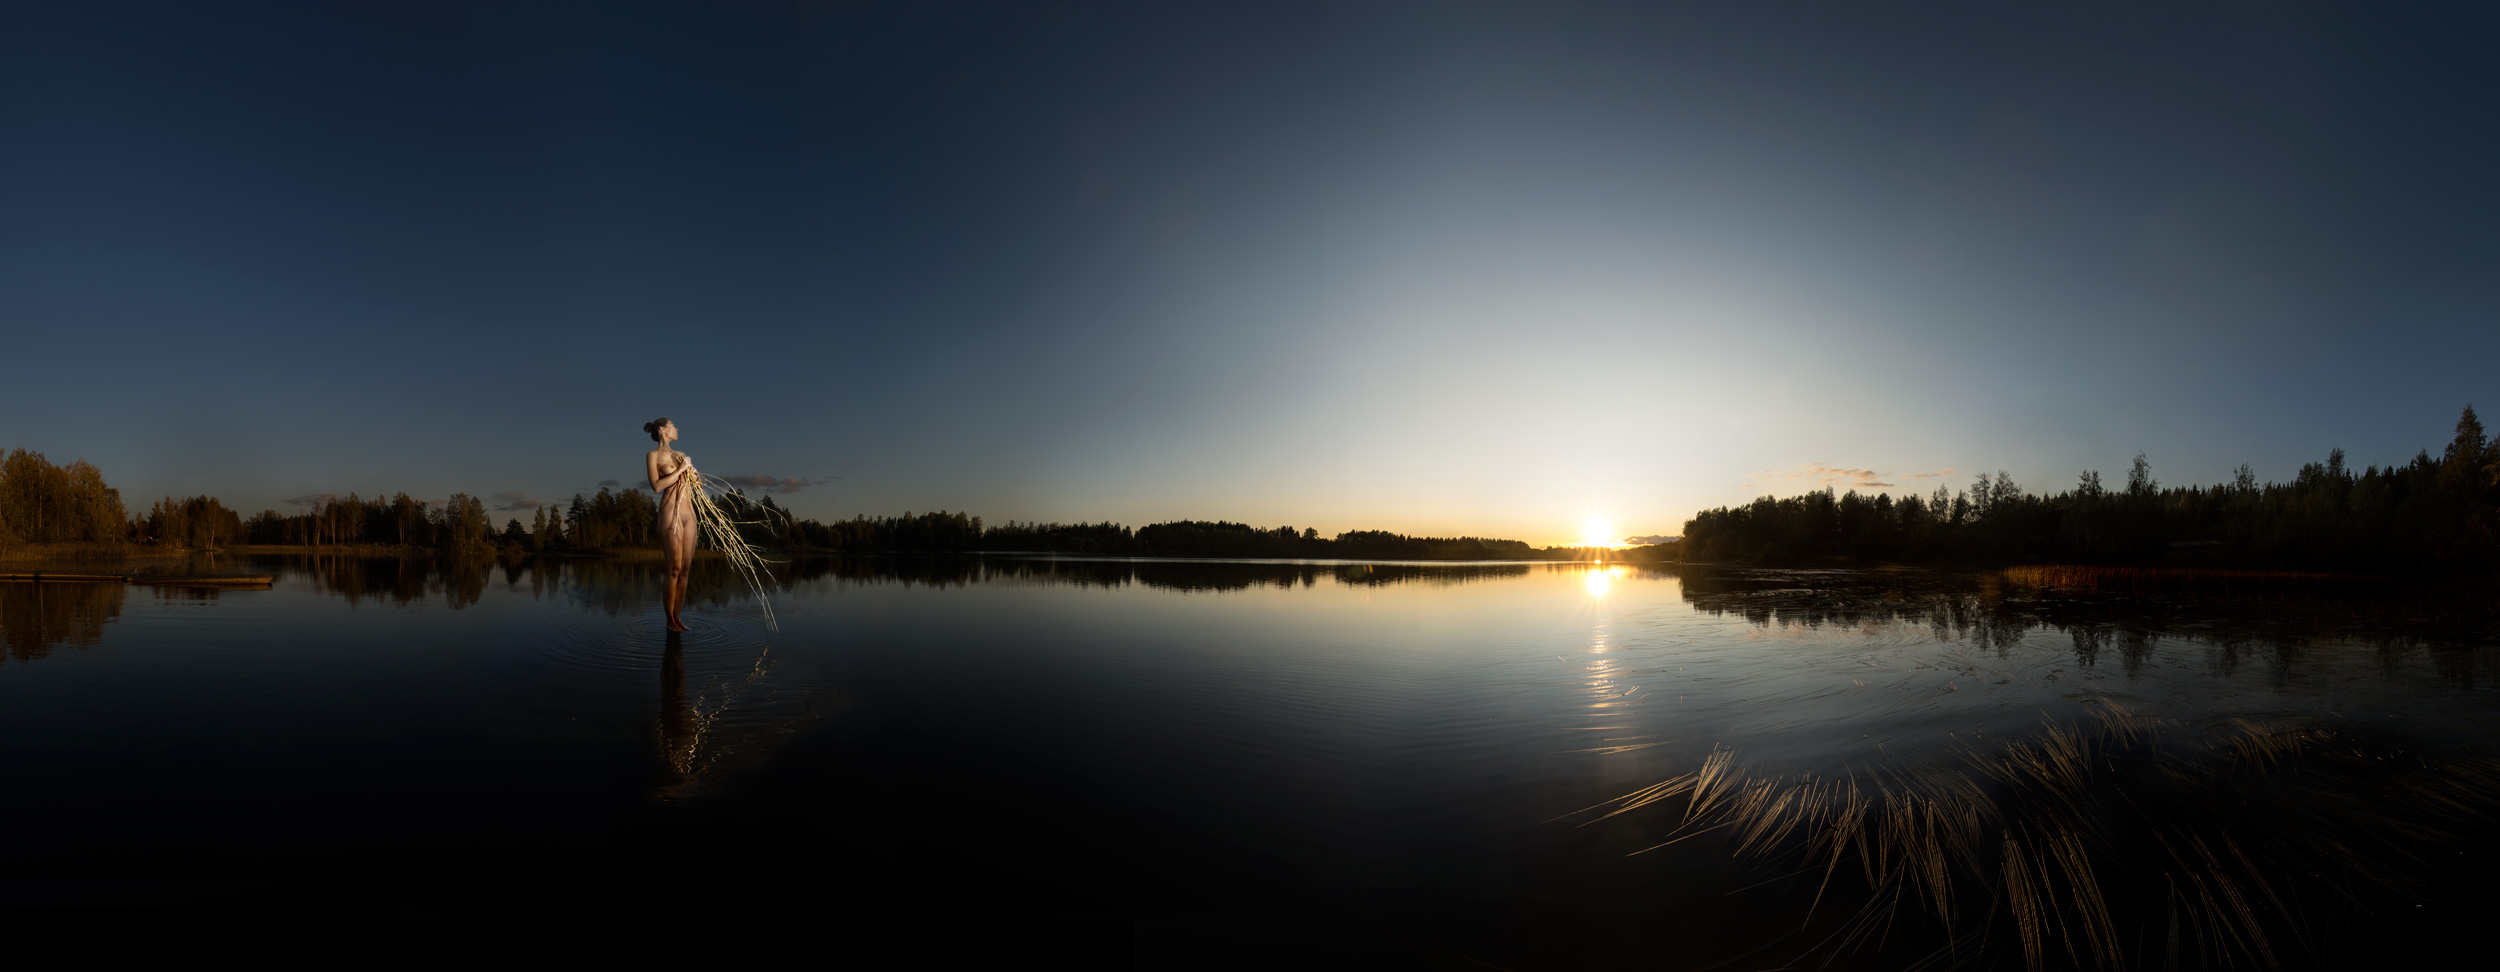 KÄÄNNA JUURI I. Fotografía y retoque digital. Lago Mustianoja, Hämeenkyrö, Finlandia